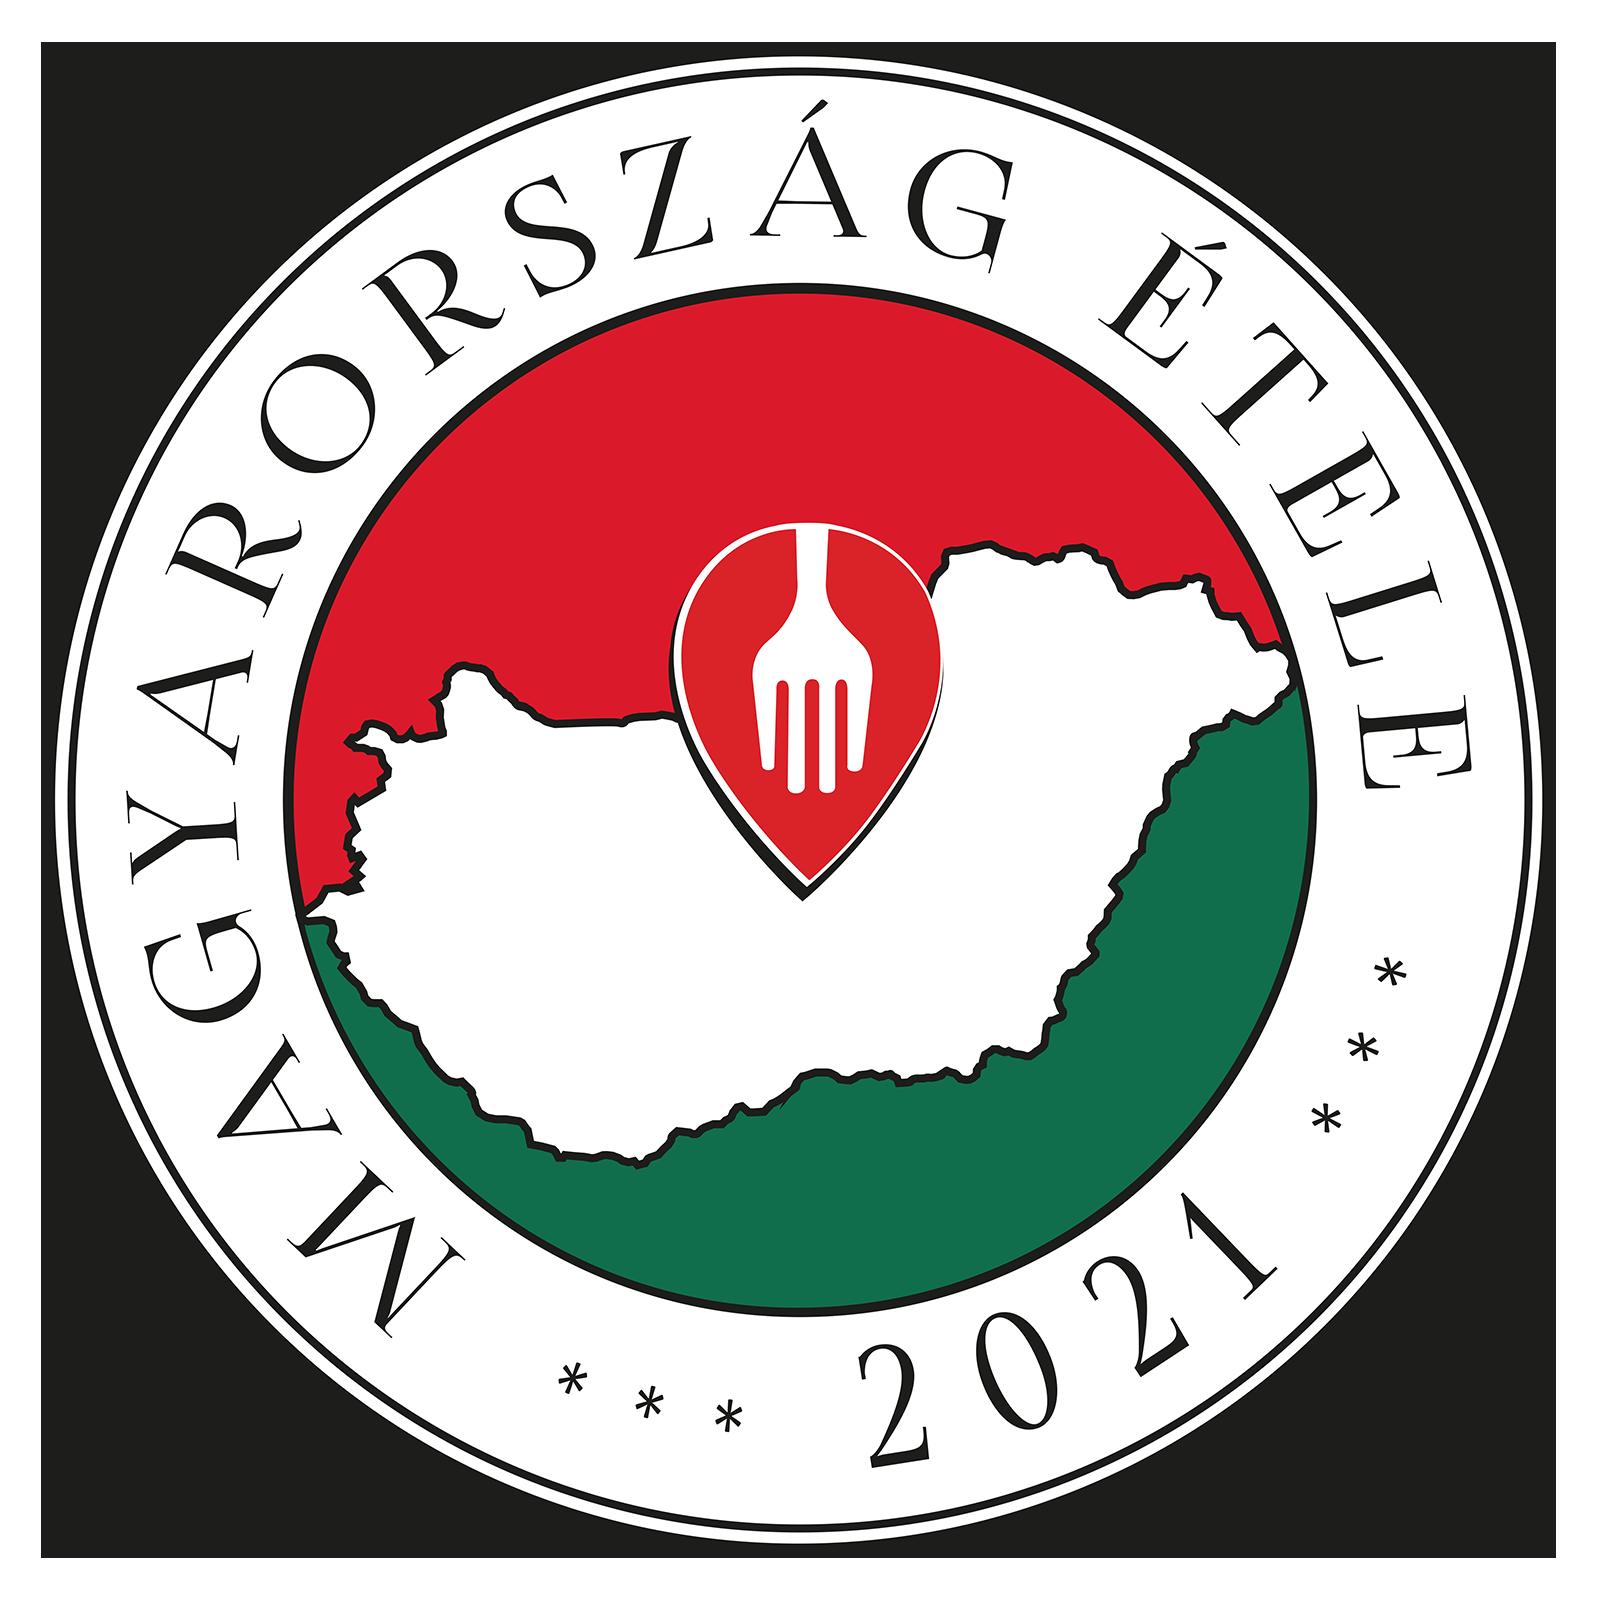 magyar konyhafőnökök egyesülete – Oldalas magazin